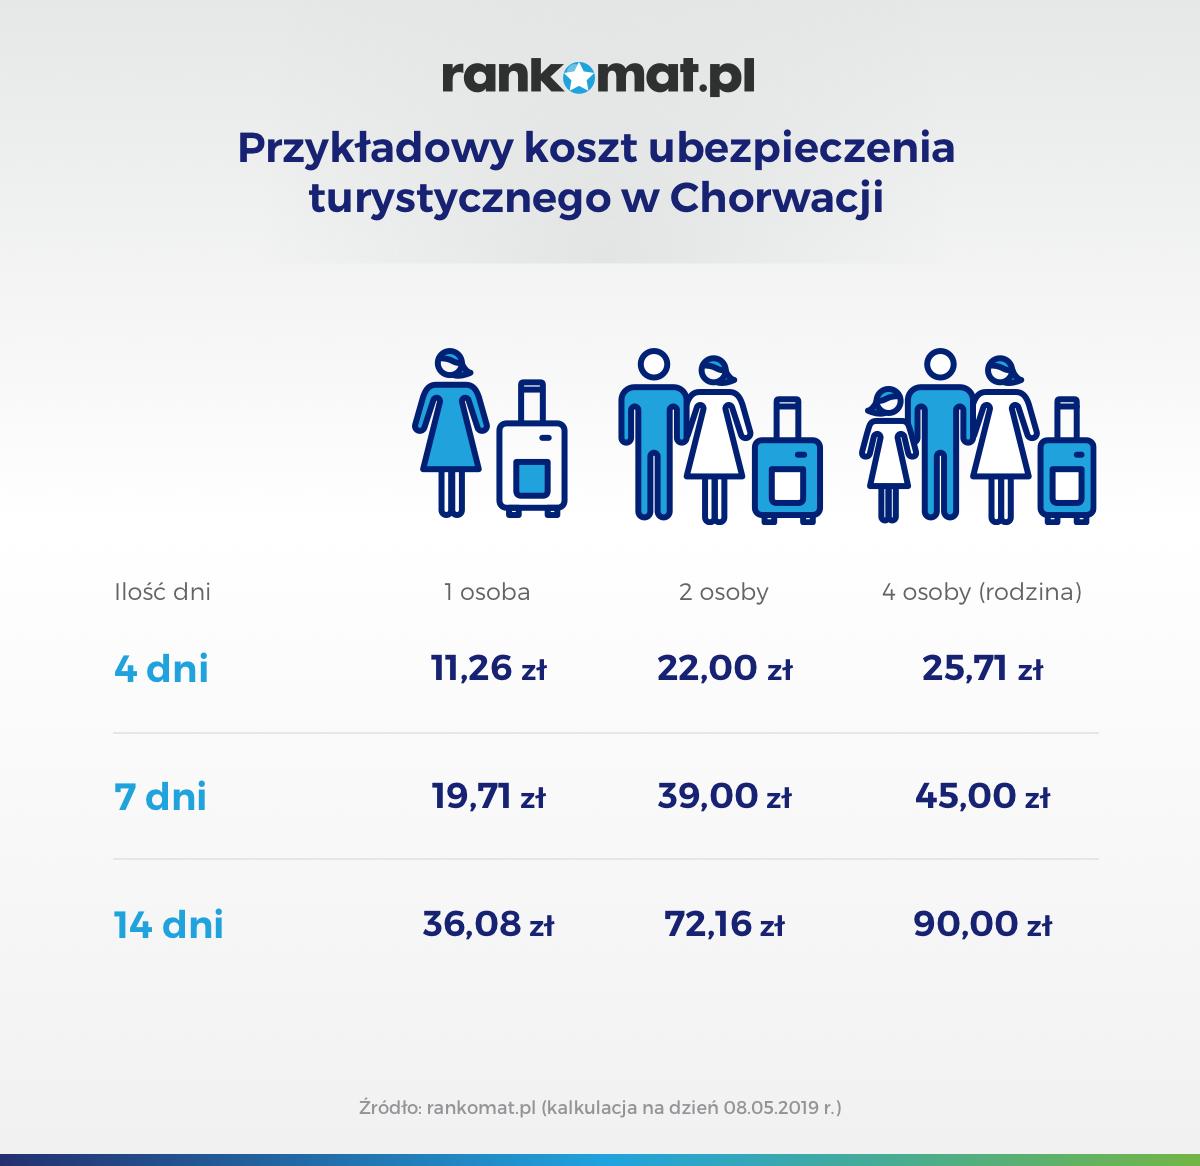 Przykładowy koszt ubezpieczenia turystycznego w Chorwacji